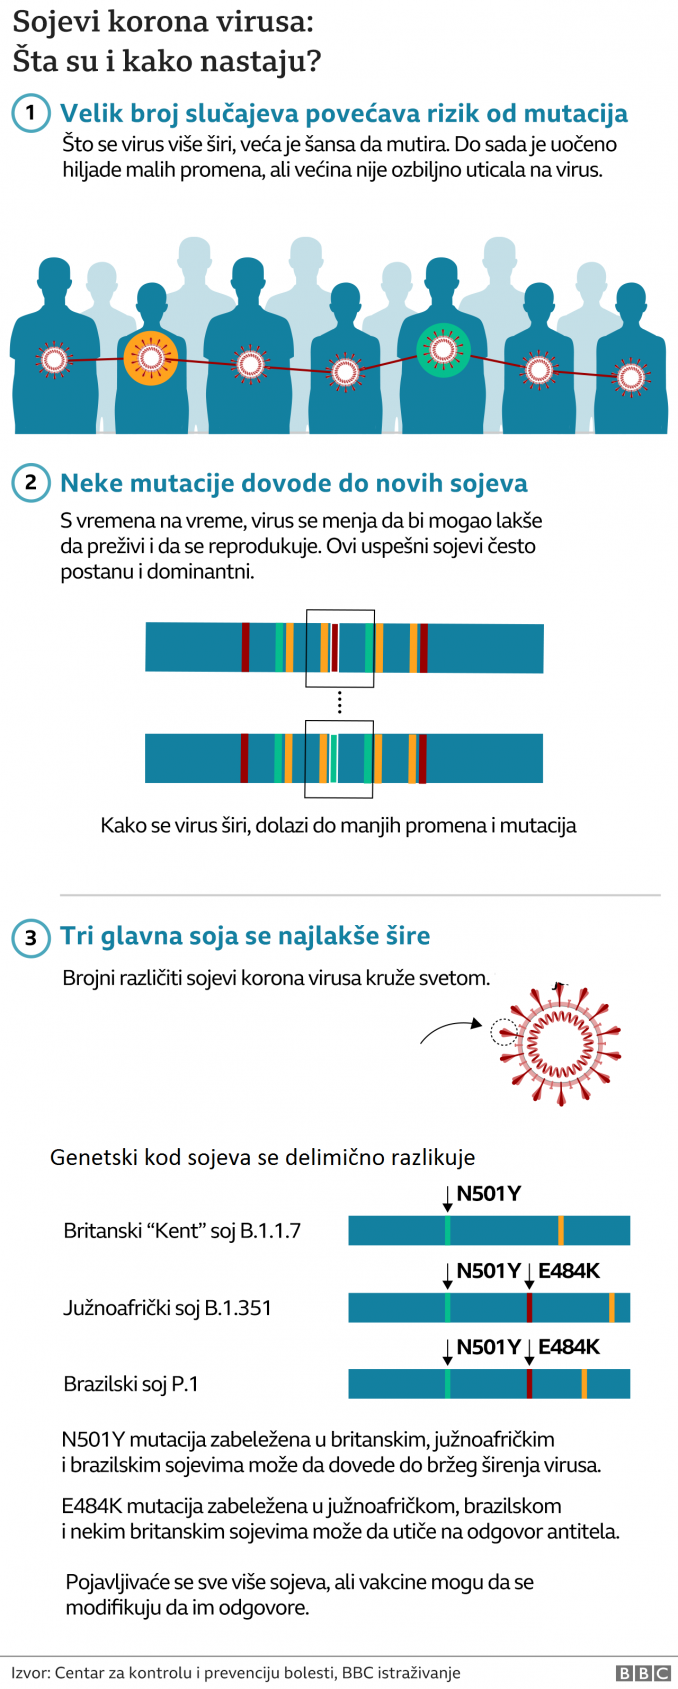 Korona virus: Još 16 umrlo u Srbiji, novi skok broja zaraženih, brazilski soj virusa u Britaniji za novu brigu 4